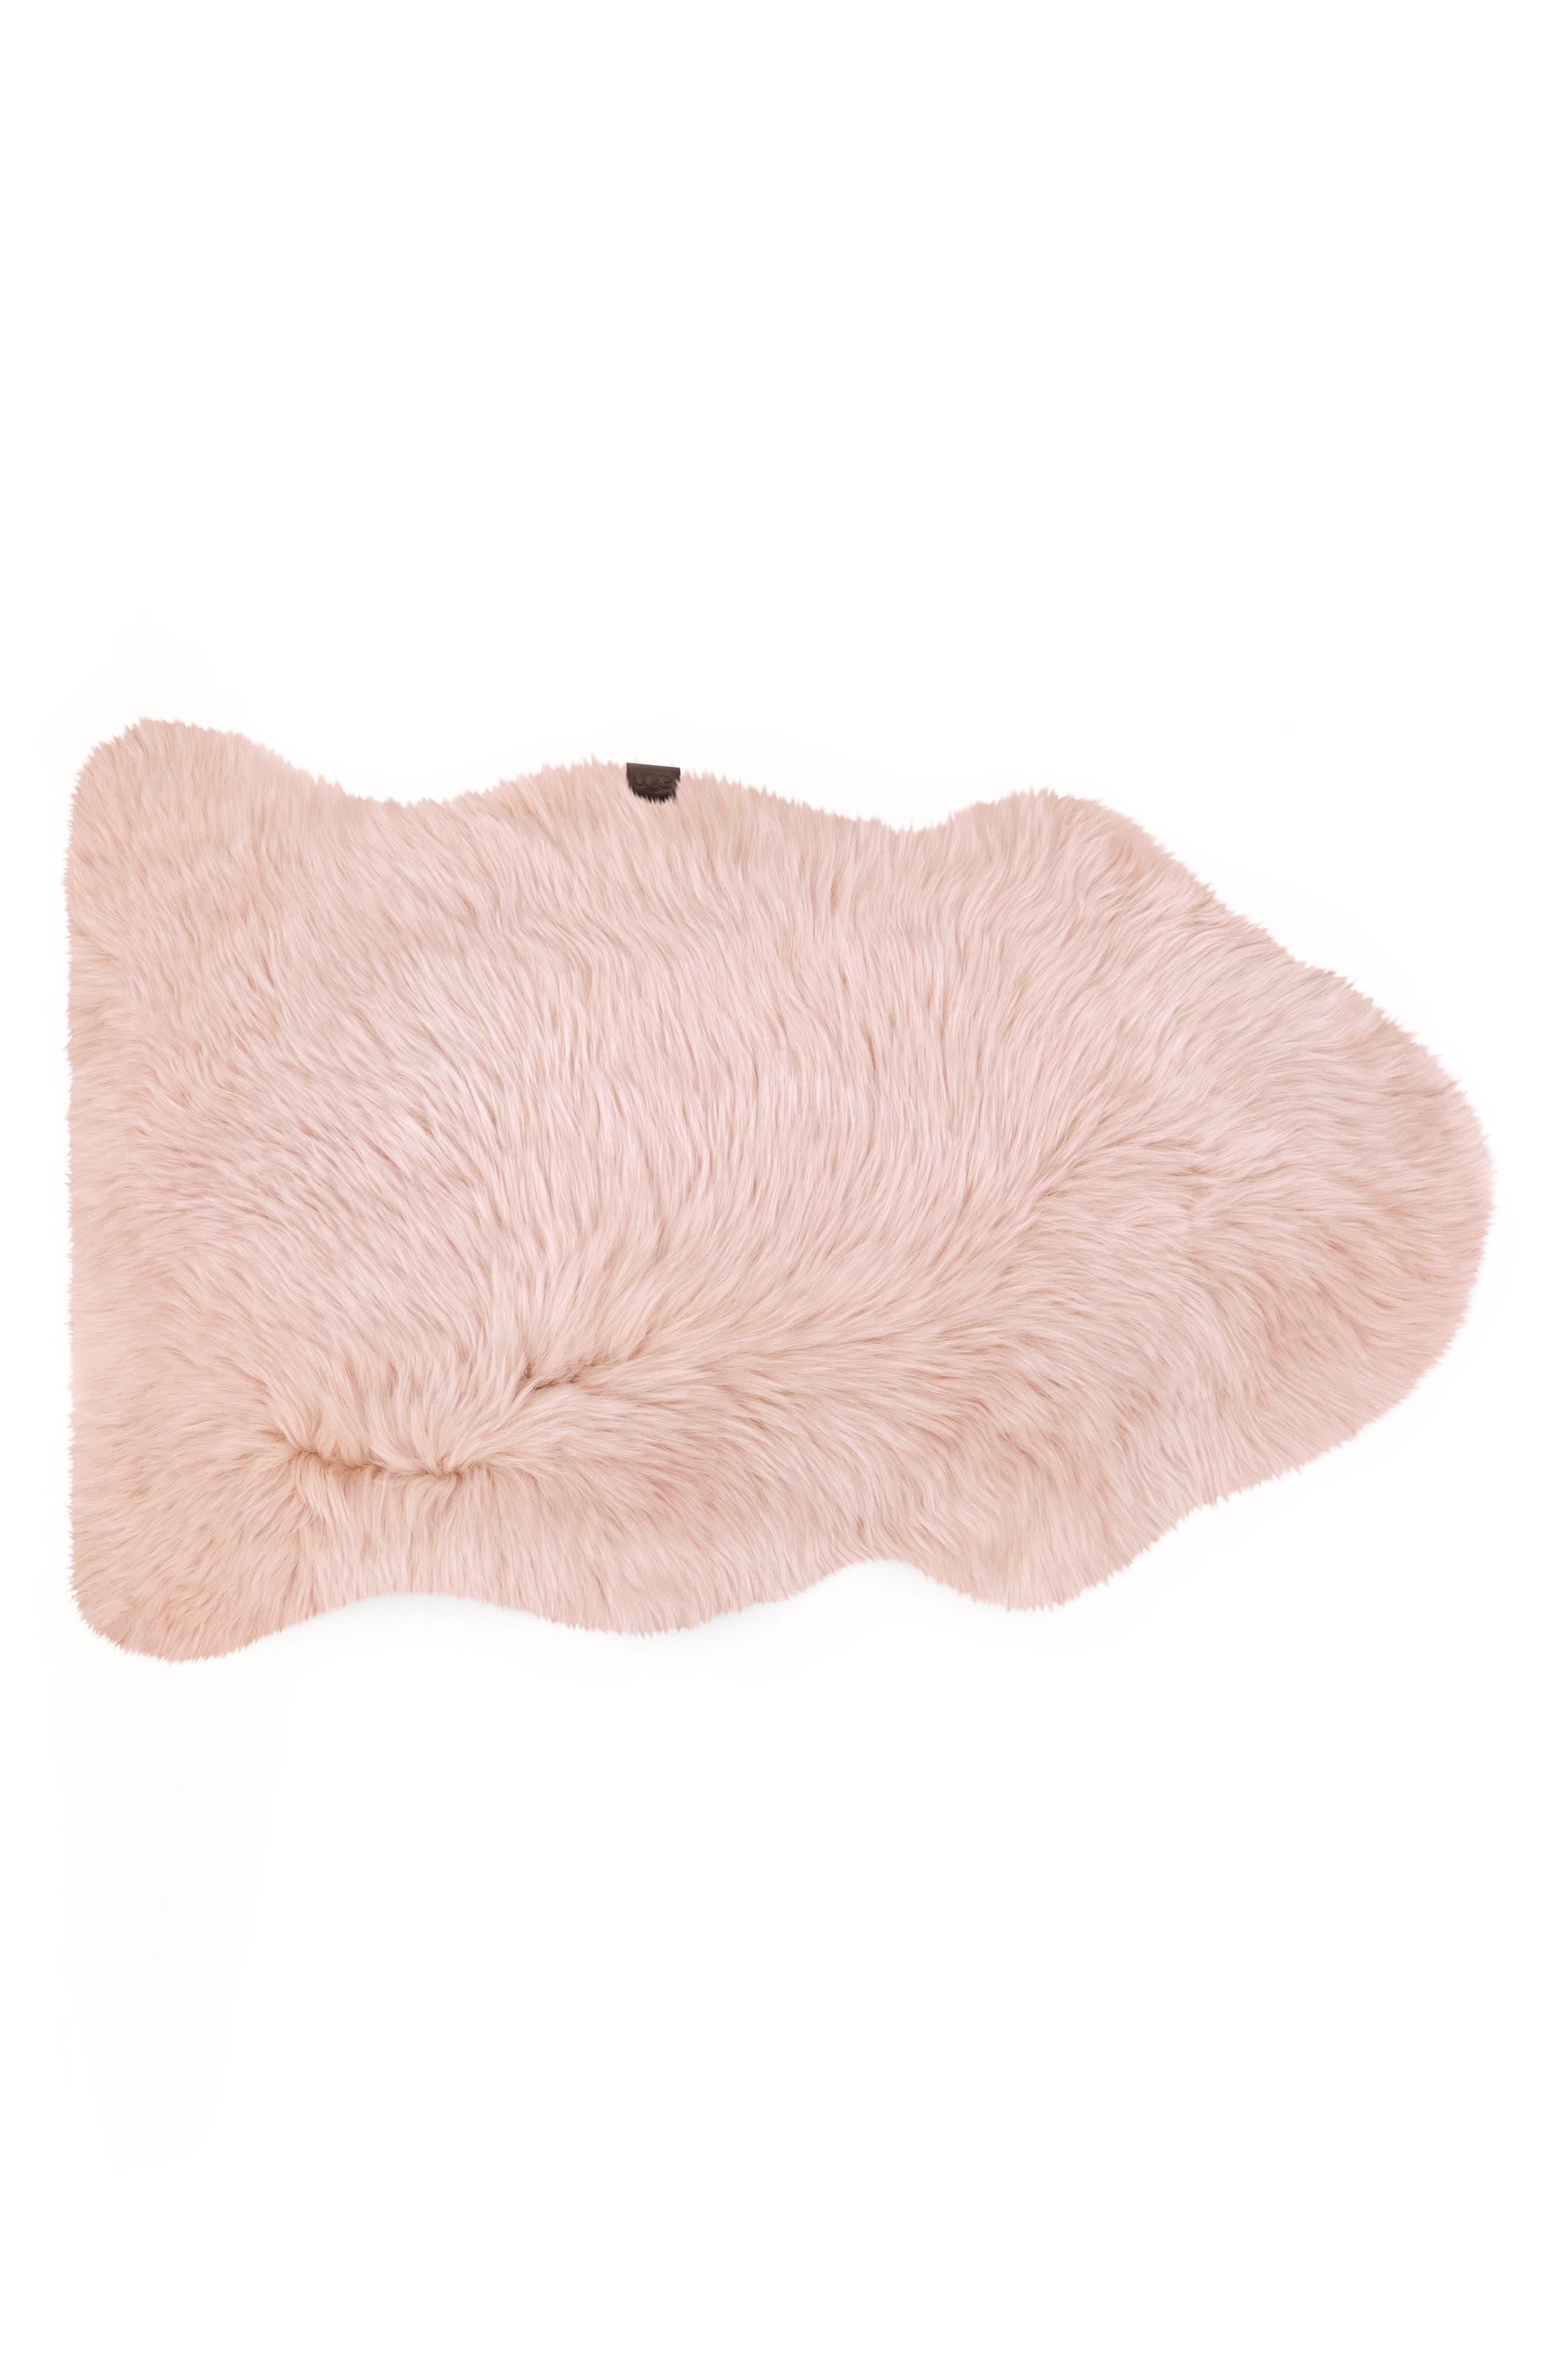 Genuine Sheepskin Rug,                             Main thumbnail 1, color,                             Blush